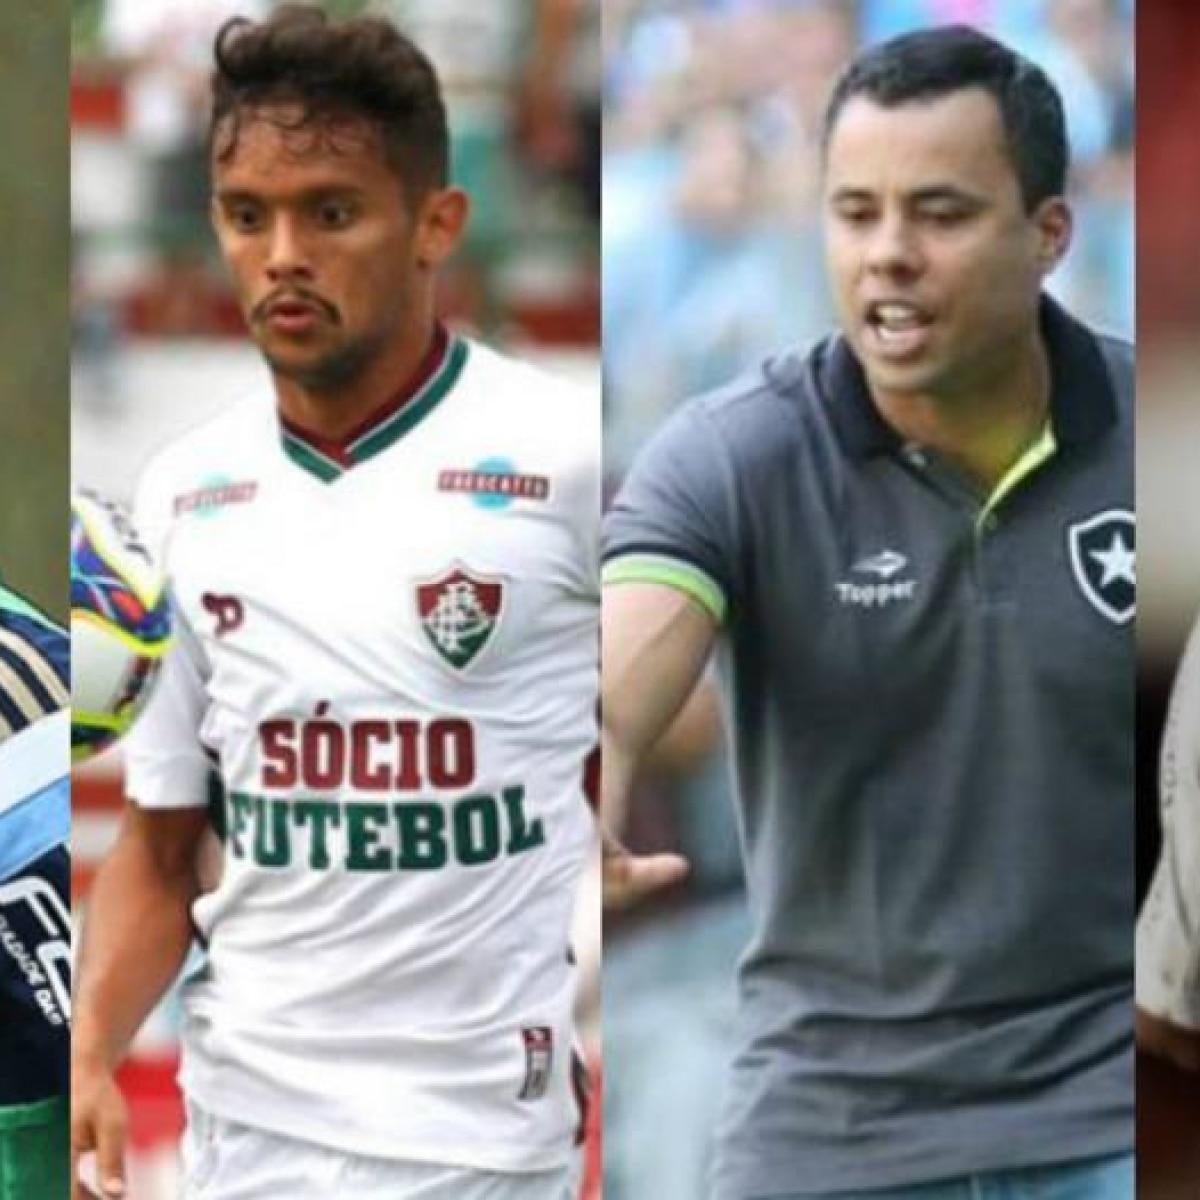 5a903304ce Clubes paulistas avançam no planejamento para 2018 - Esportes - Estadão